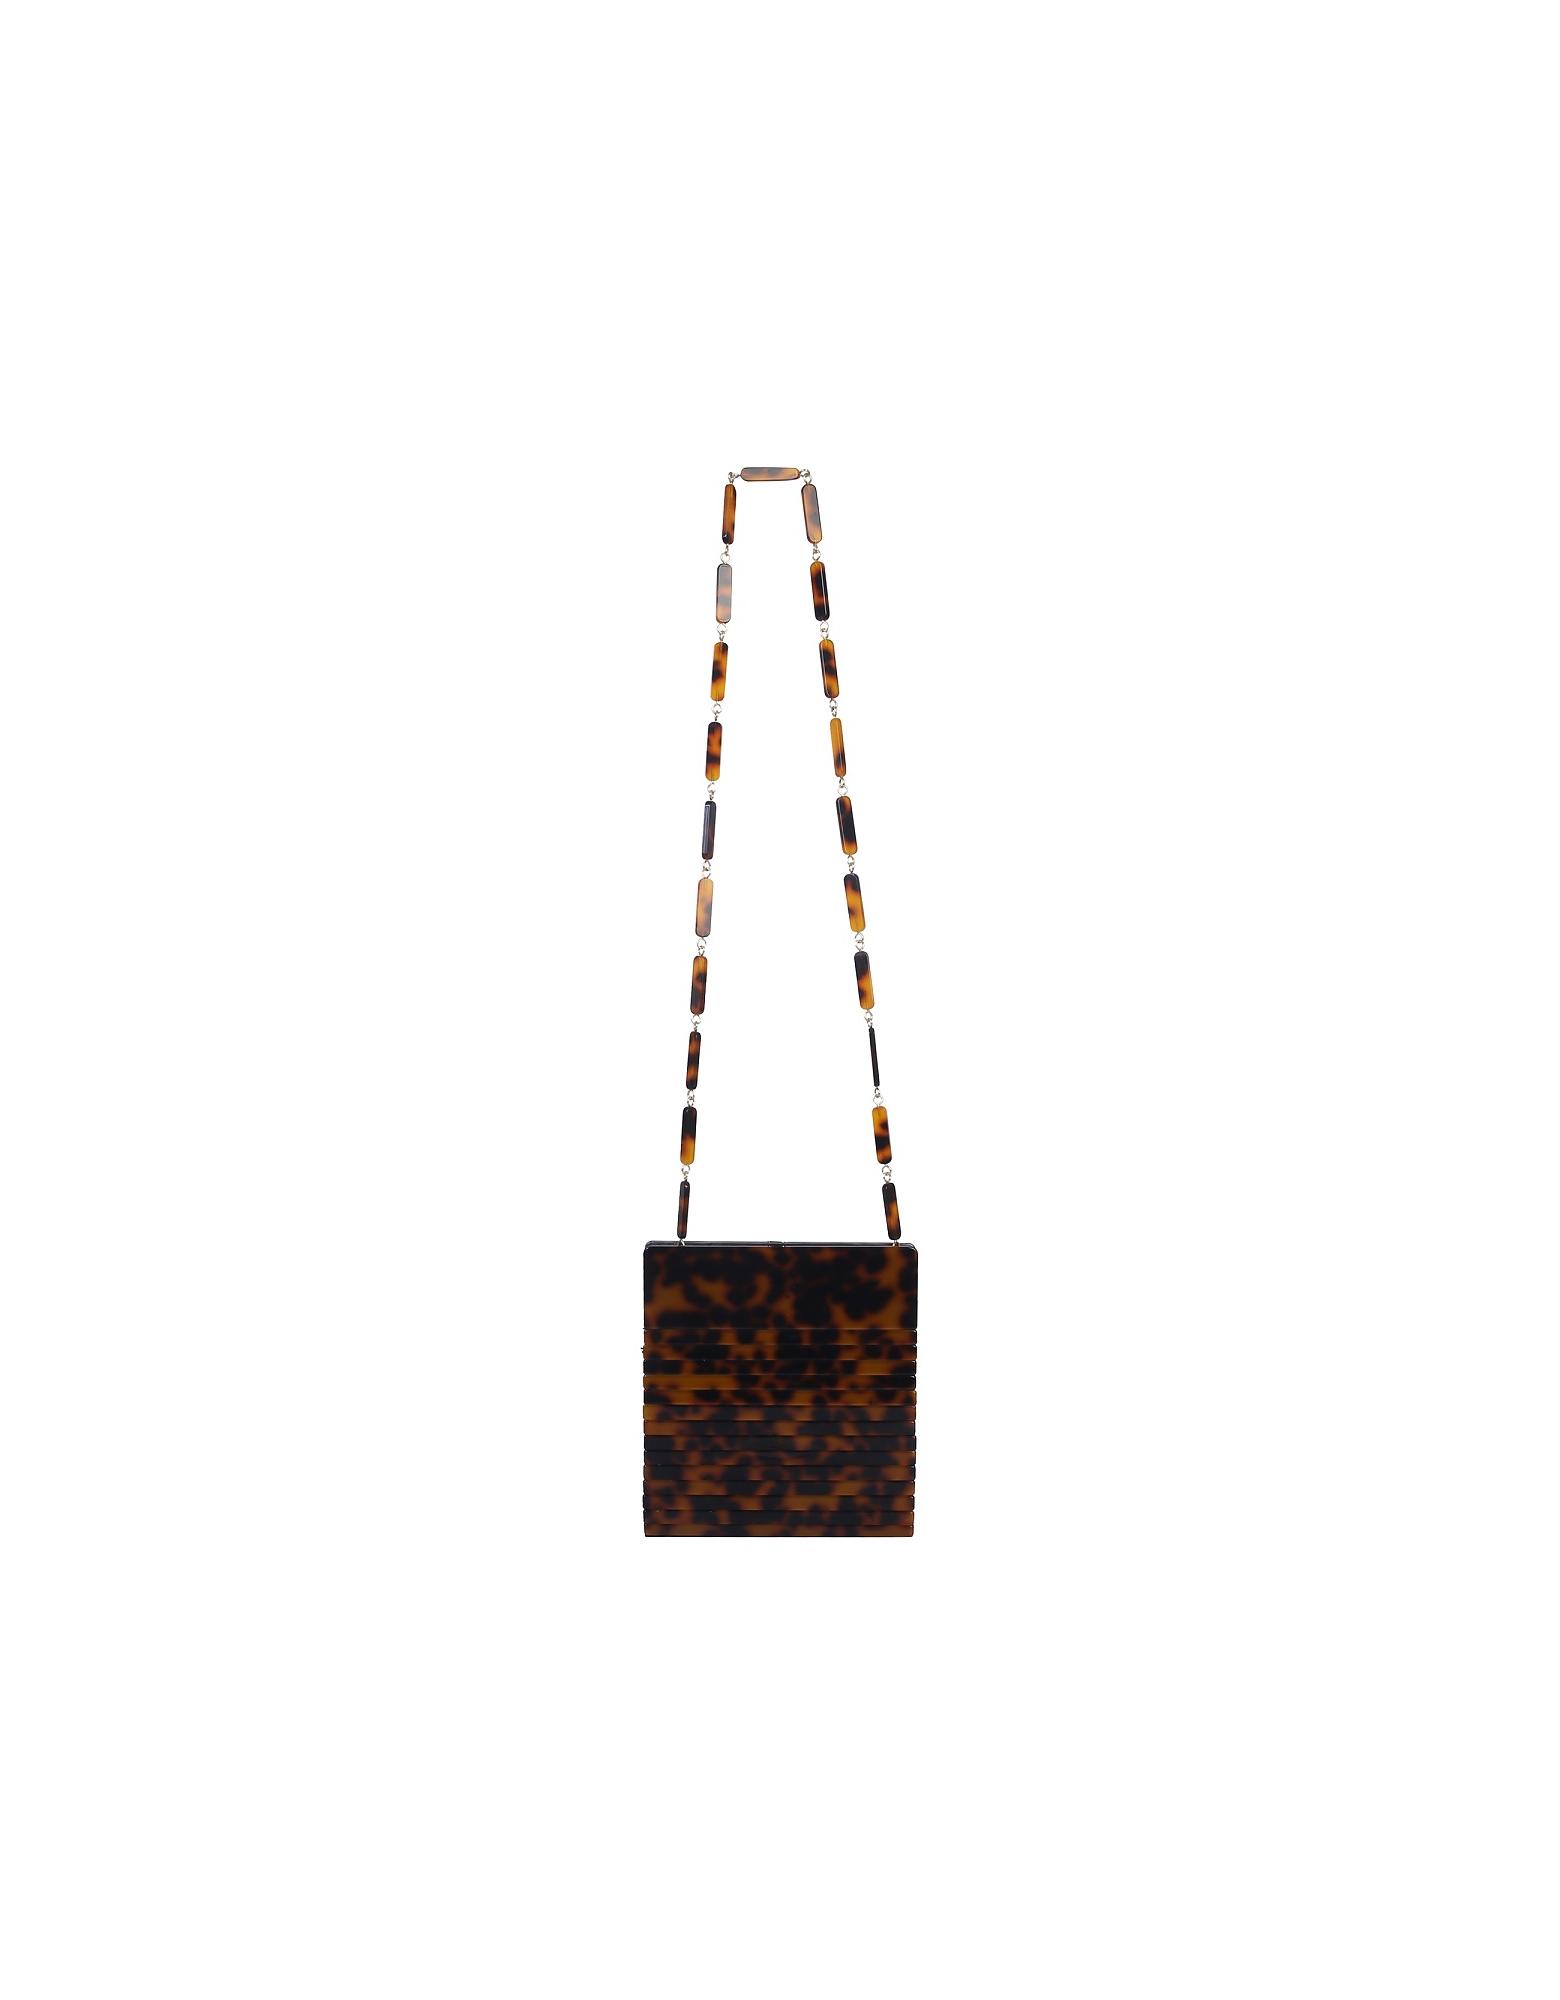 Cult Gaia Designer Handbags, Dixie Shoulder Bag